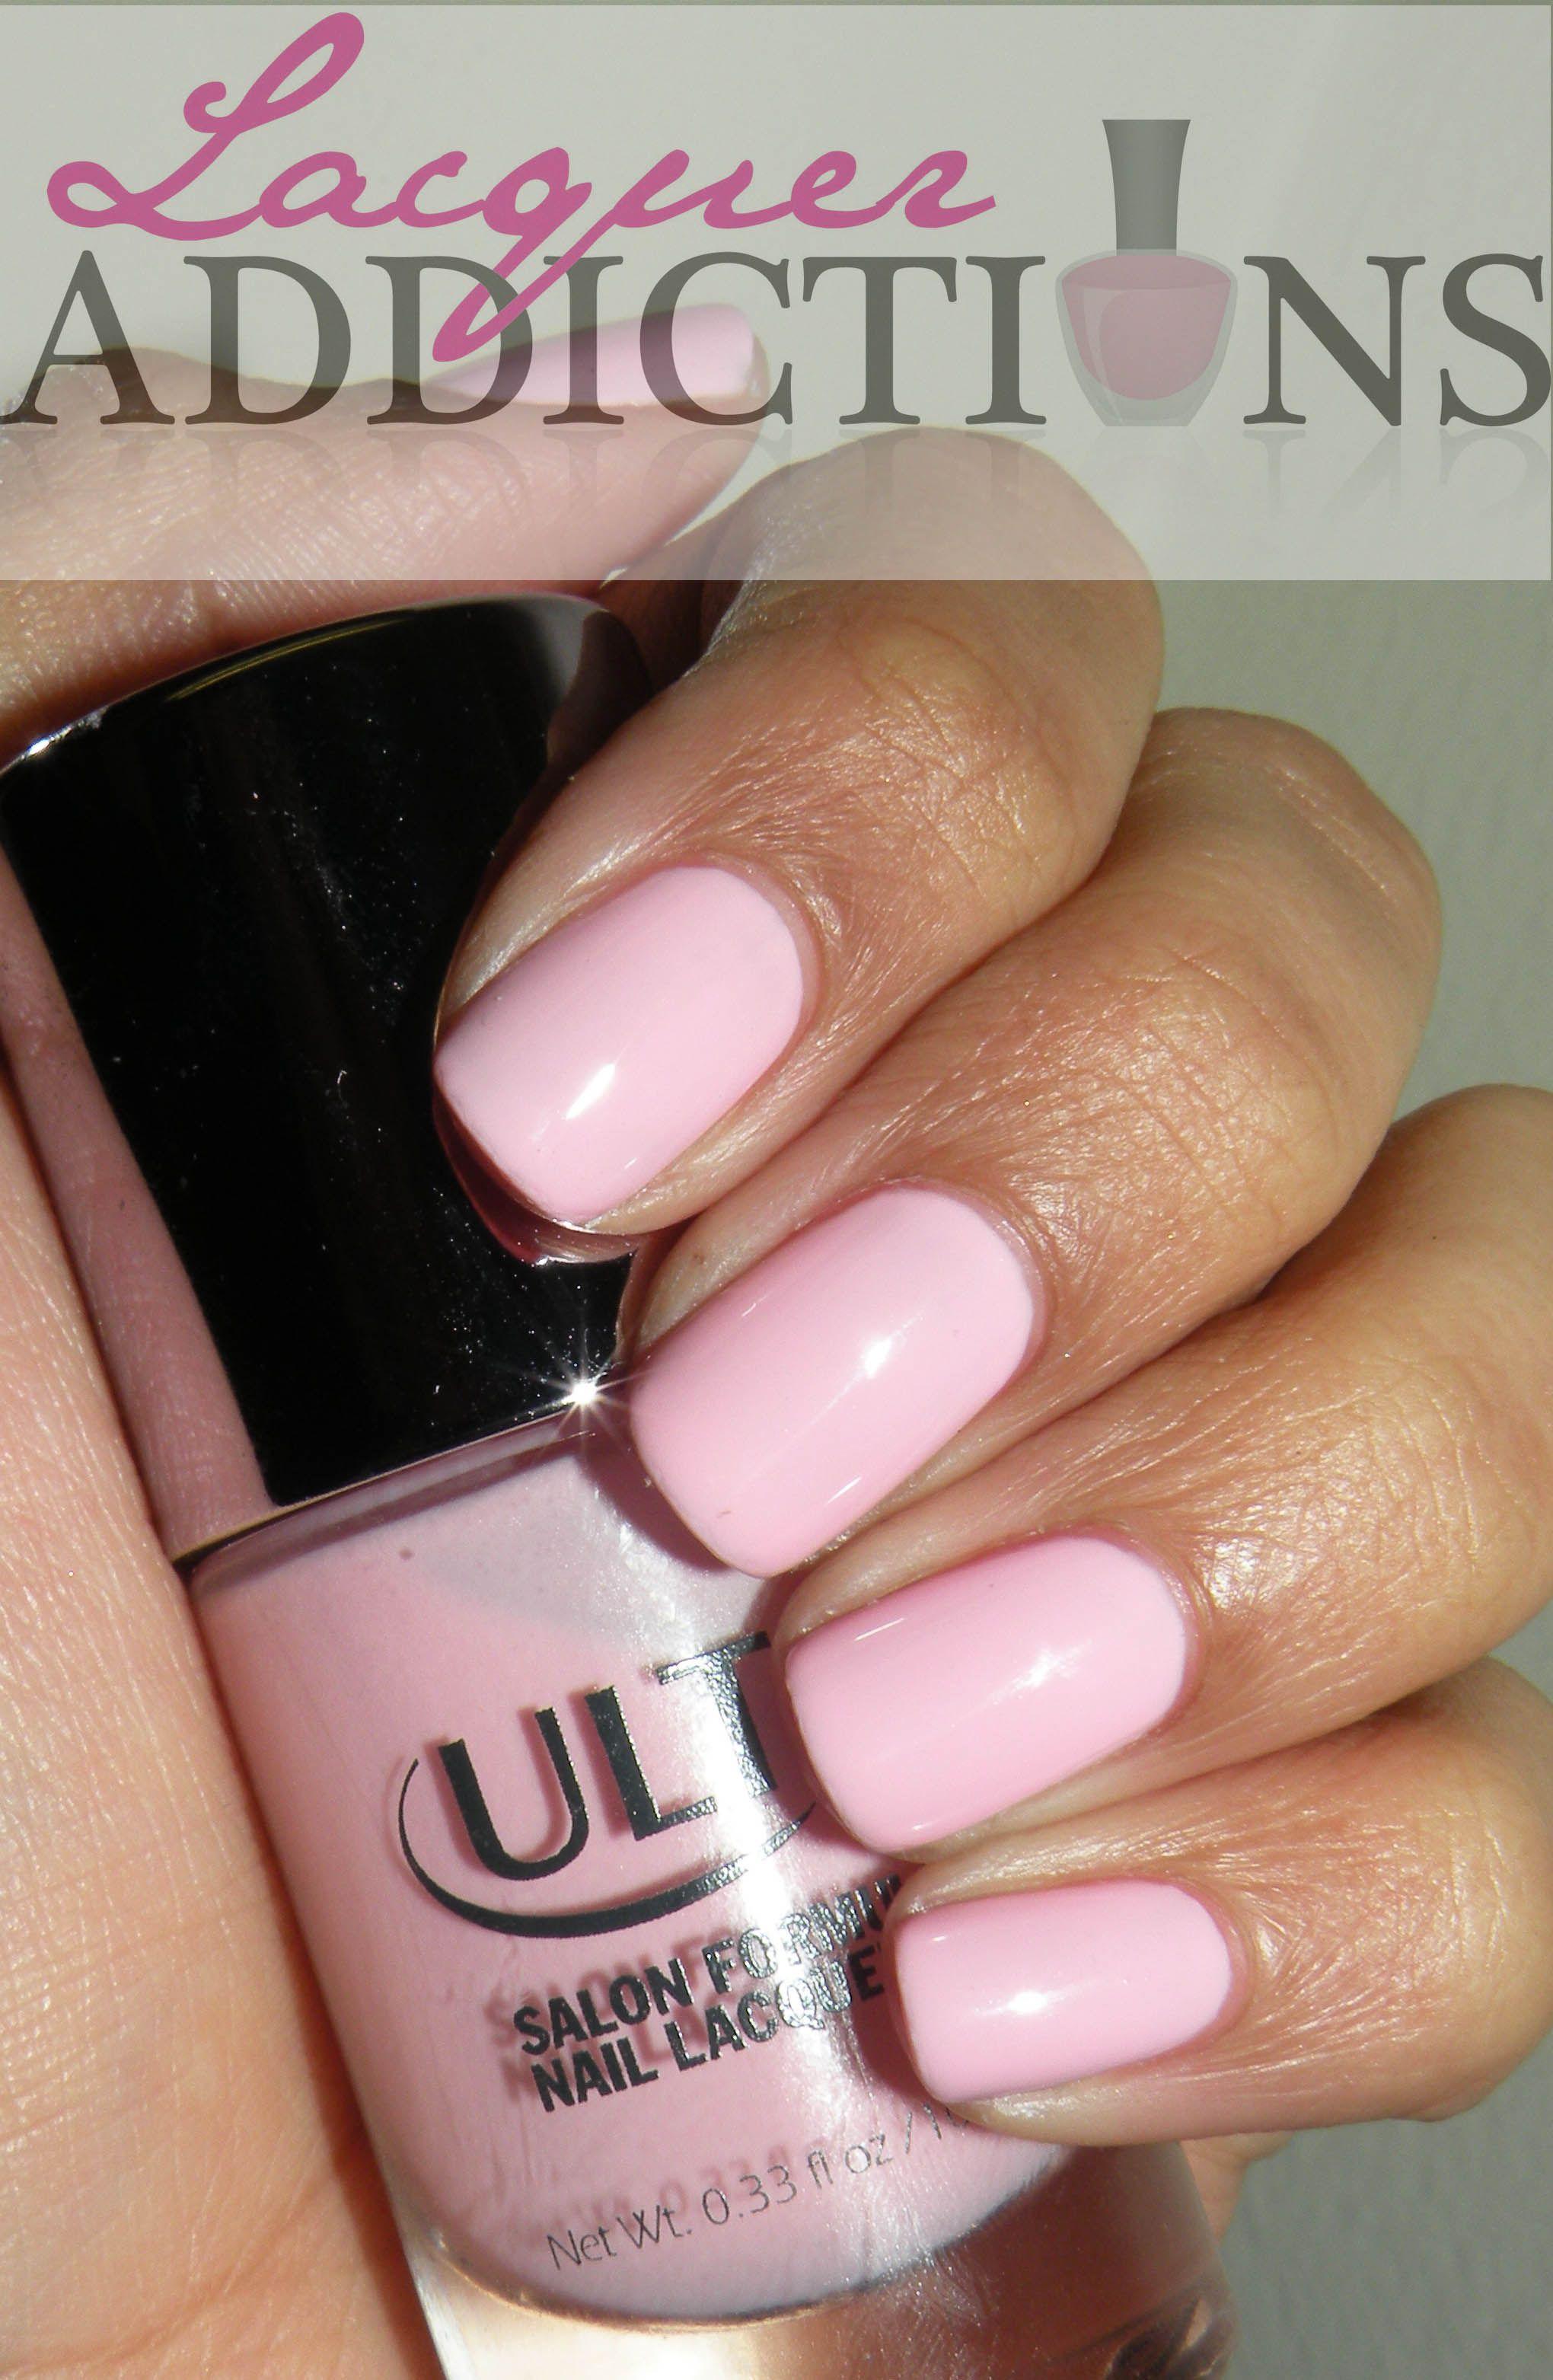 Encore Pink | Nail blog, Nail polish collection and Mani pedi